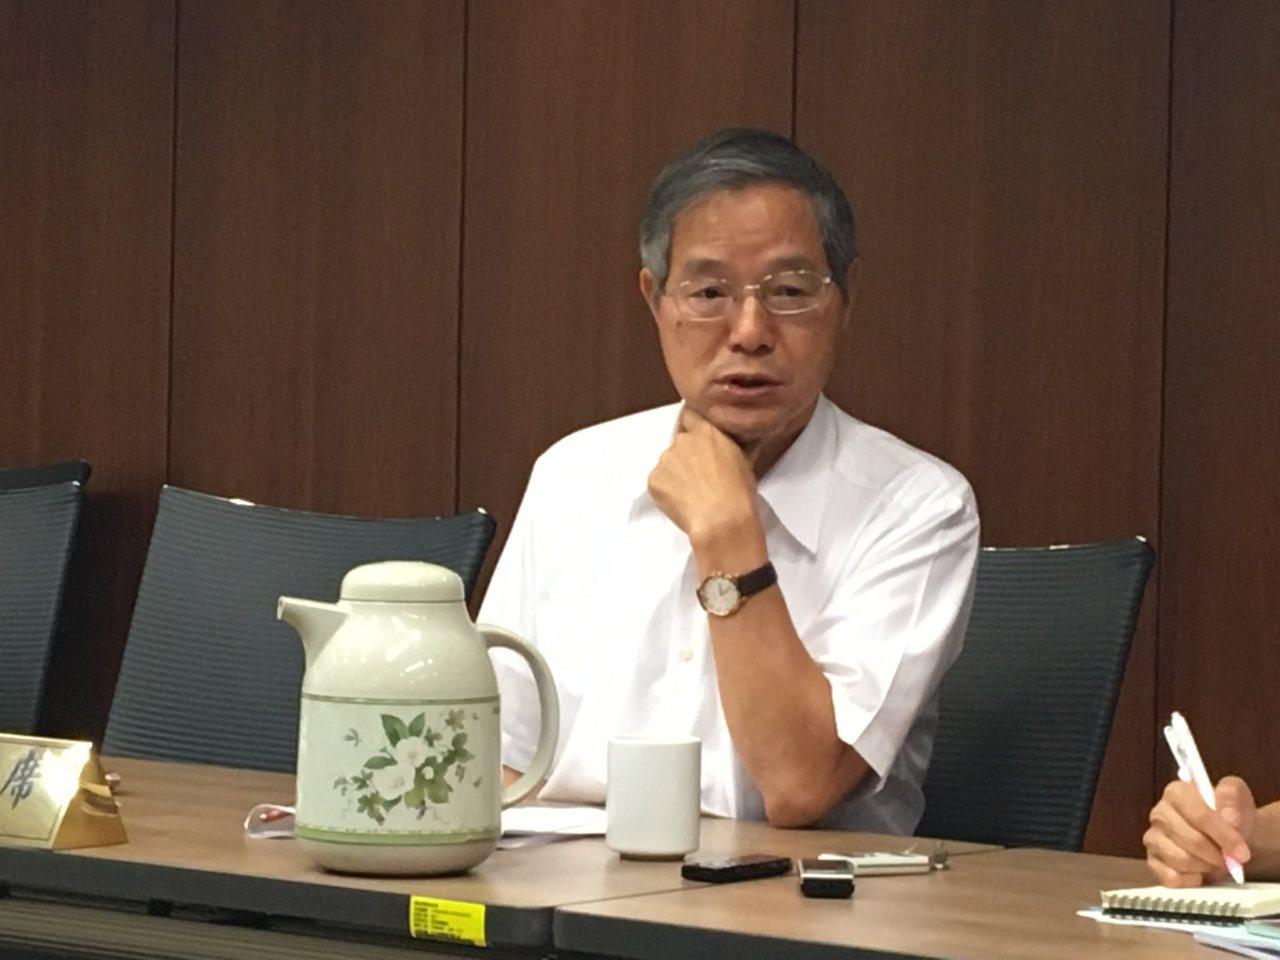 國發會主委陳添枝今天分享對物聯網的看法。記者高詩琴/攝影